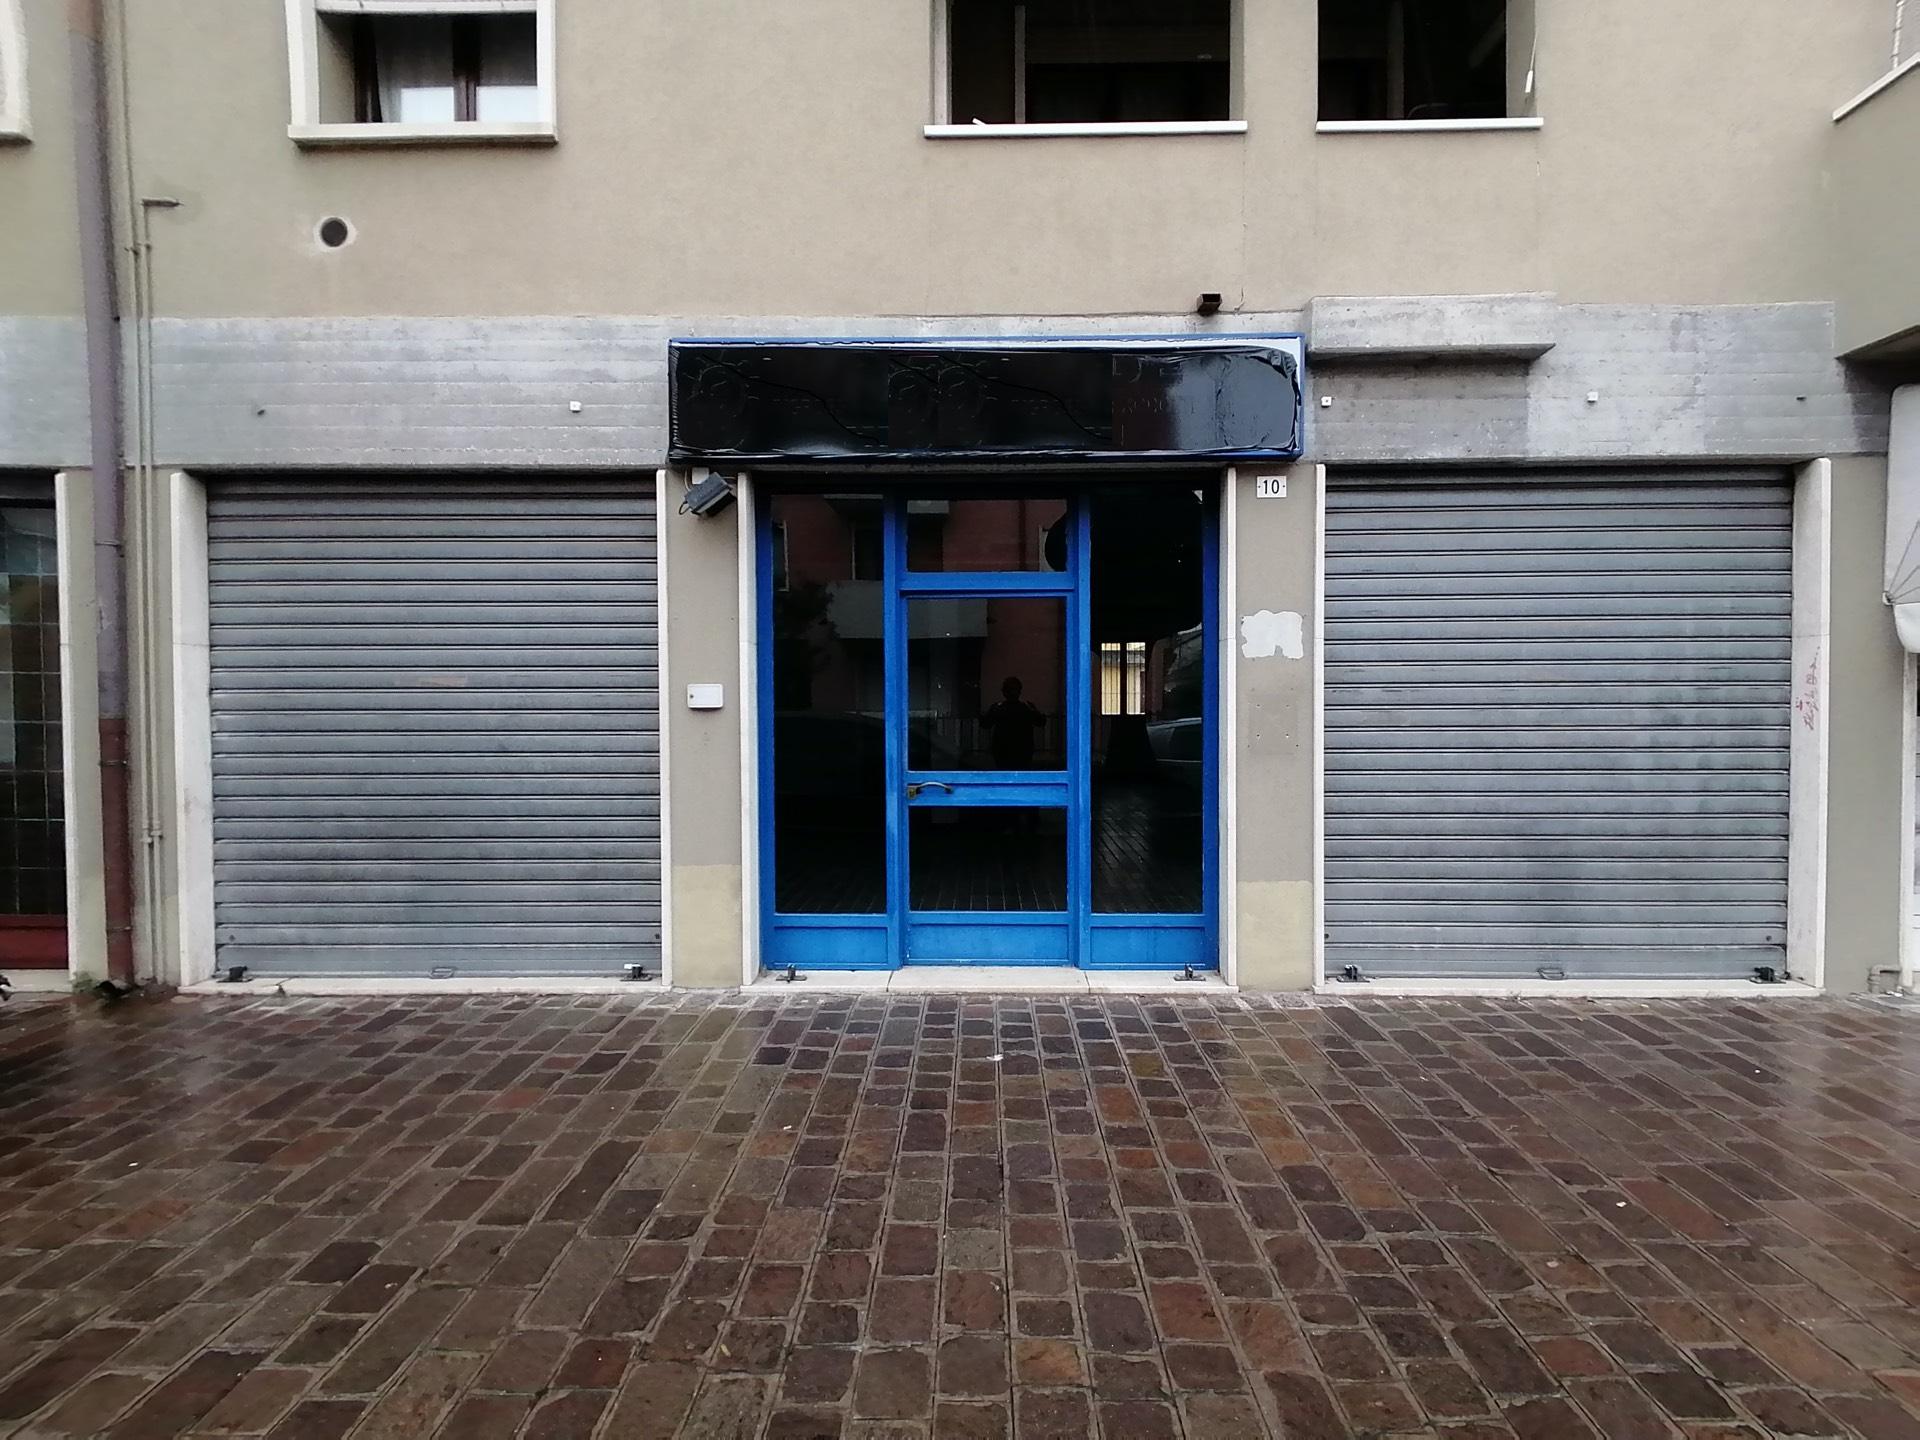 Negozio / Locale in vendita a San Giovanni Lupatoto, 9999 locali, prezzo € 99.000 | PortaleAgenzieImmobiliari.it